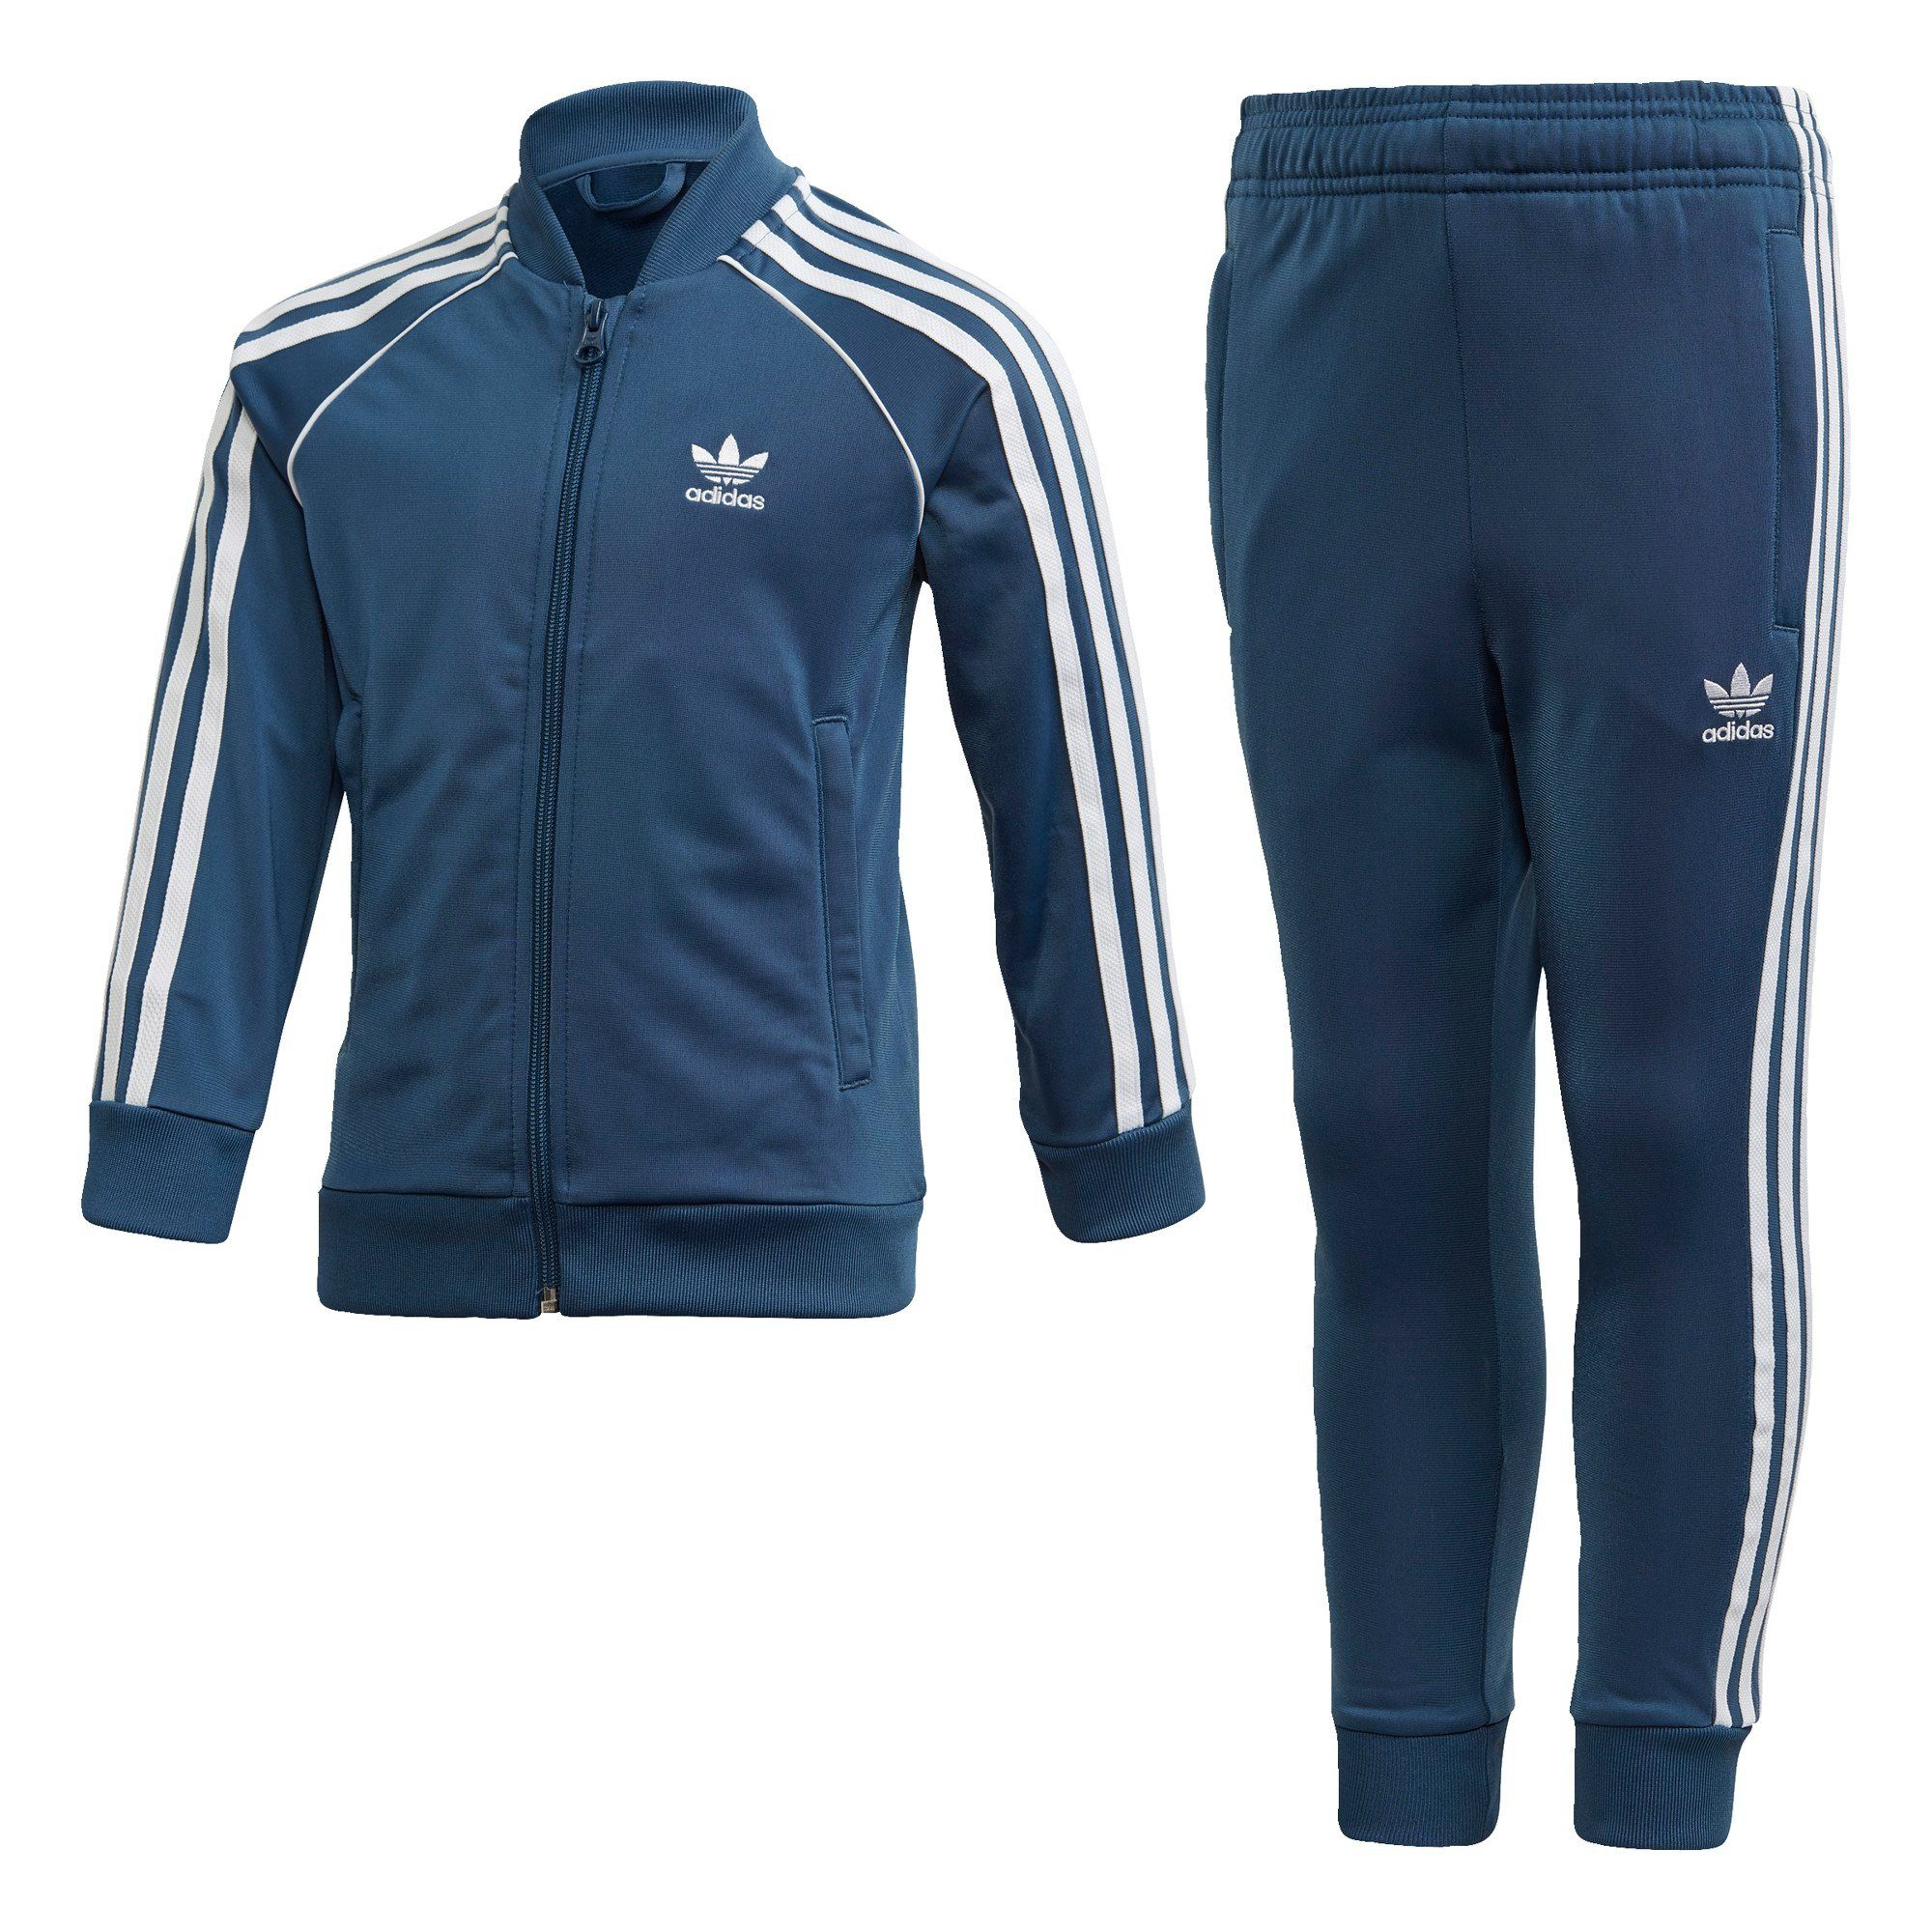 adidas Originals Trainingsanzug »SST Trainingsanzug«, adicolor online kaufen | OTTO